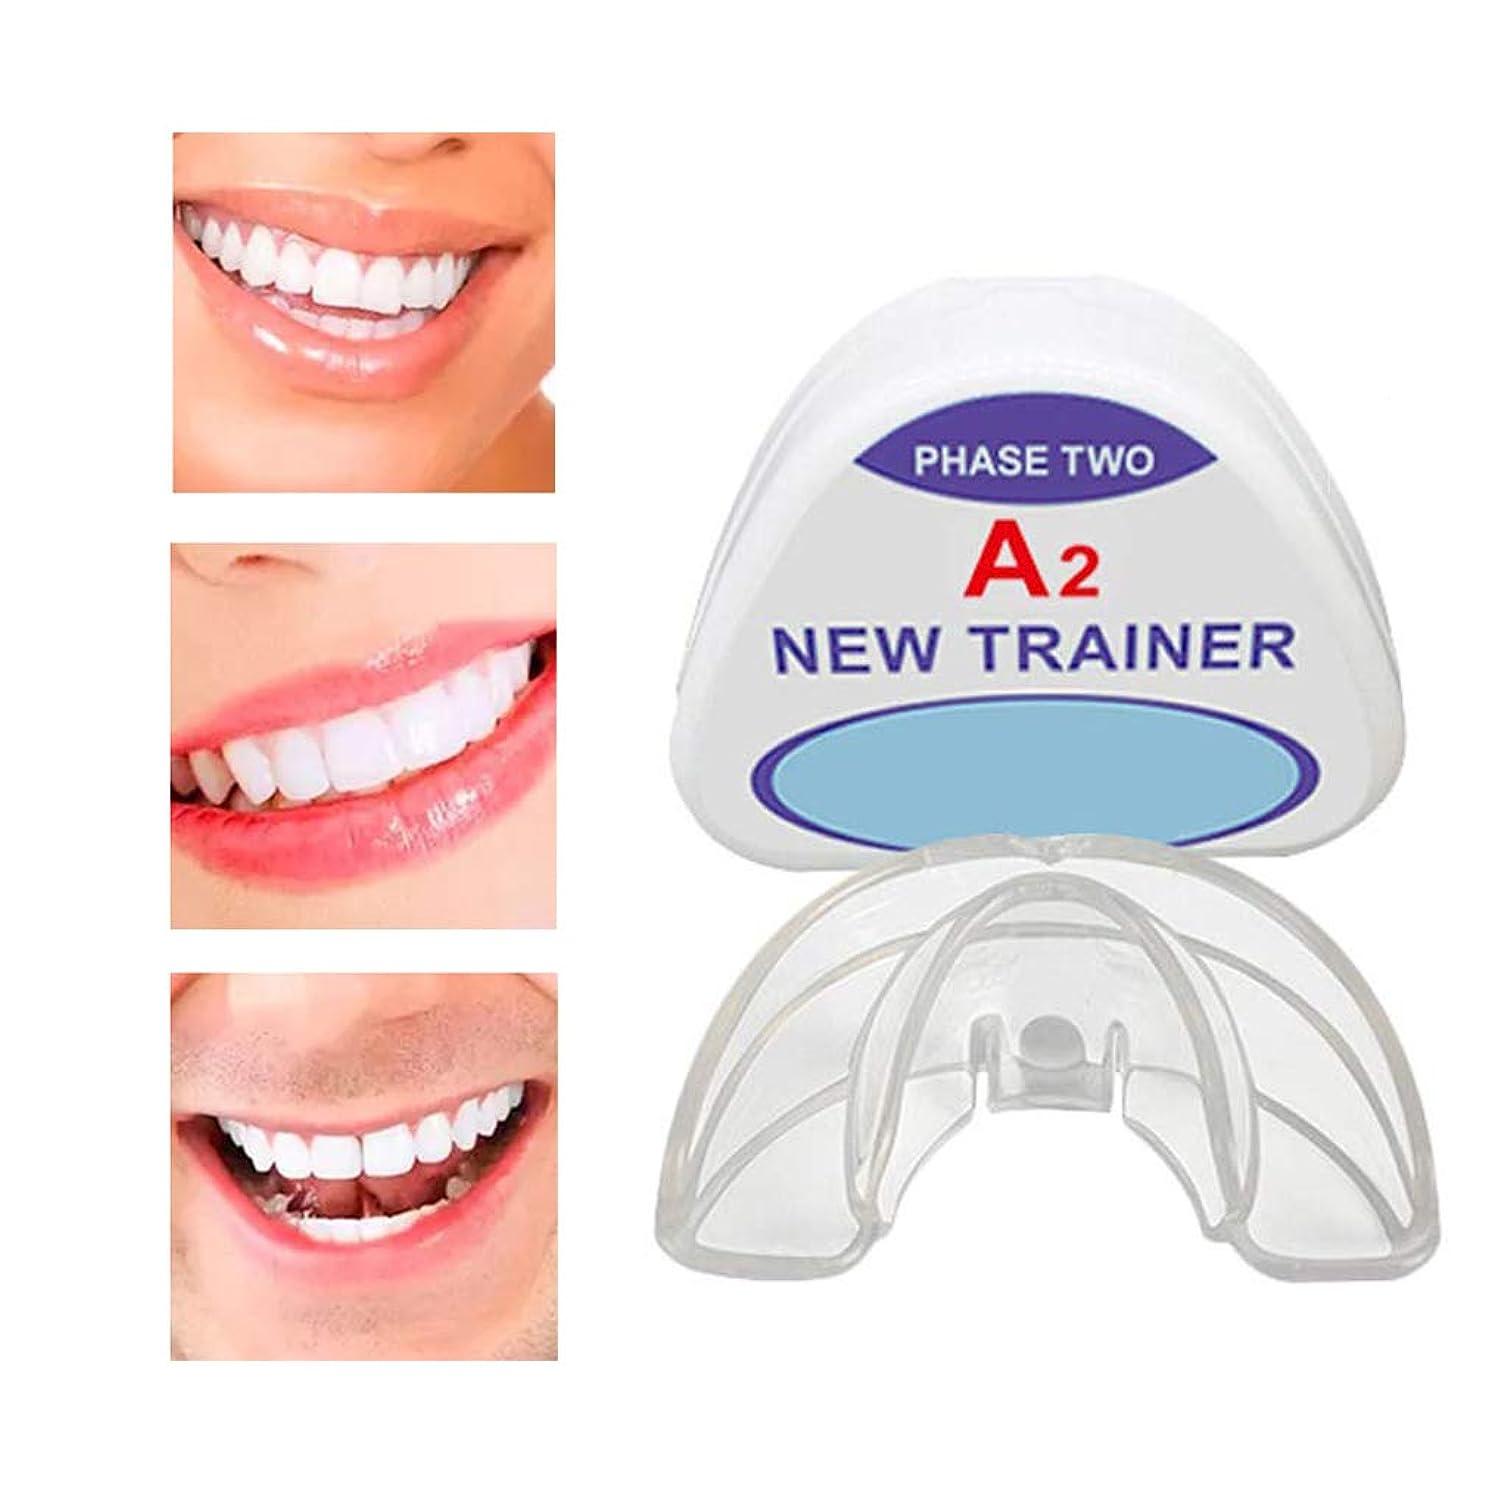 テクニカル傾いた歌歯列矯正リテーナー、大人、安全材料のための歯科矯正学のトレーナーの歯の歯の電気器具のアライメントブレース,A2